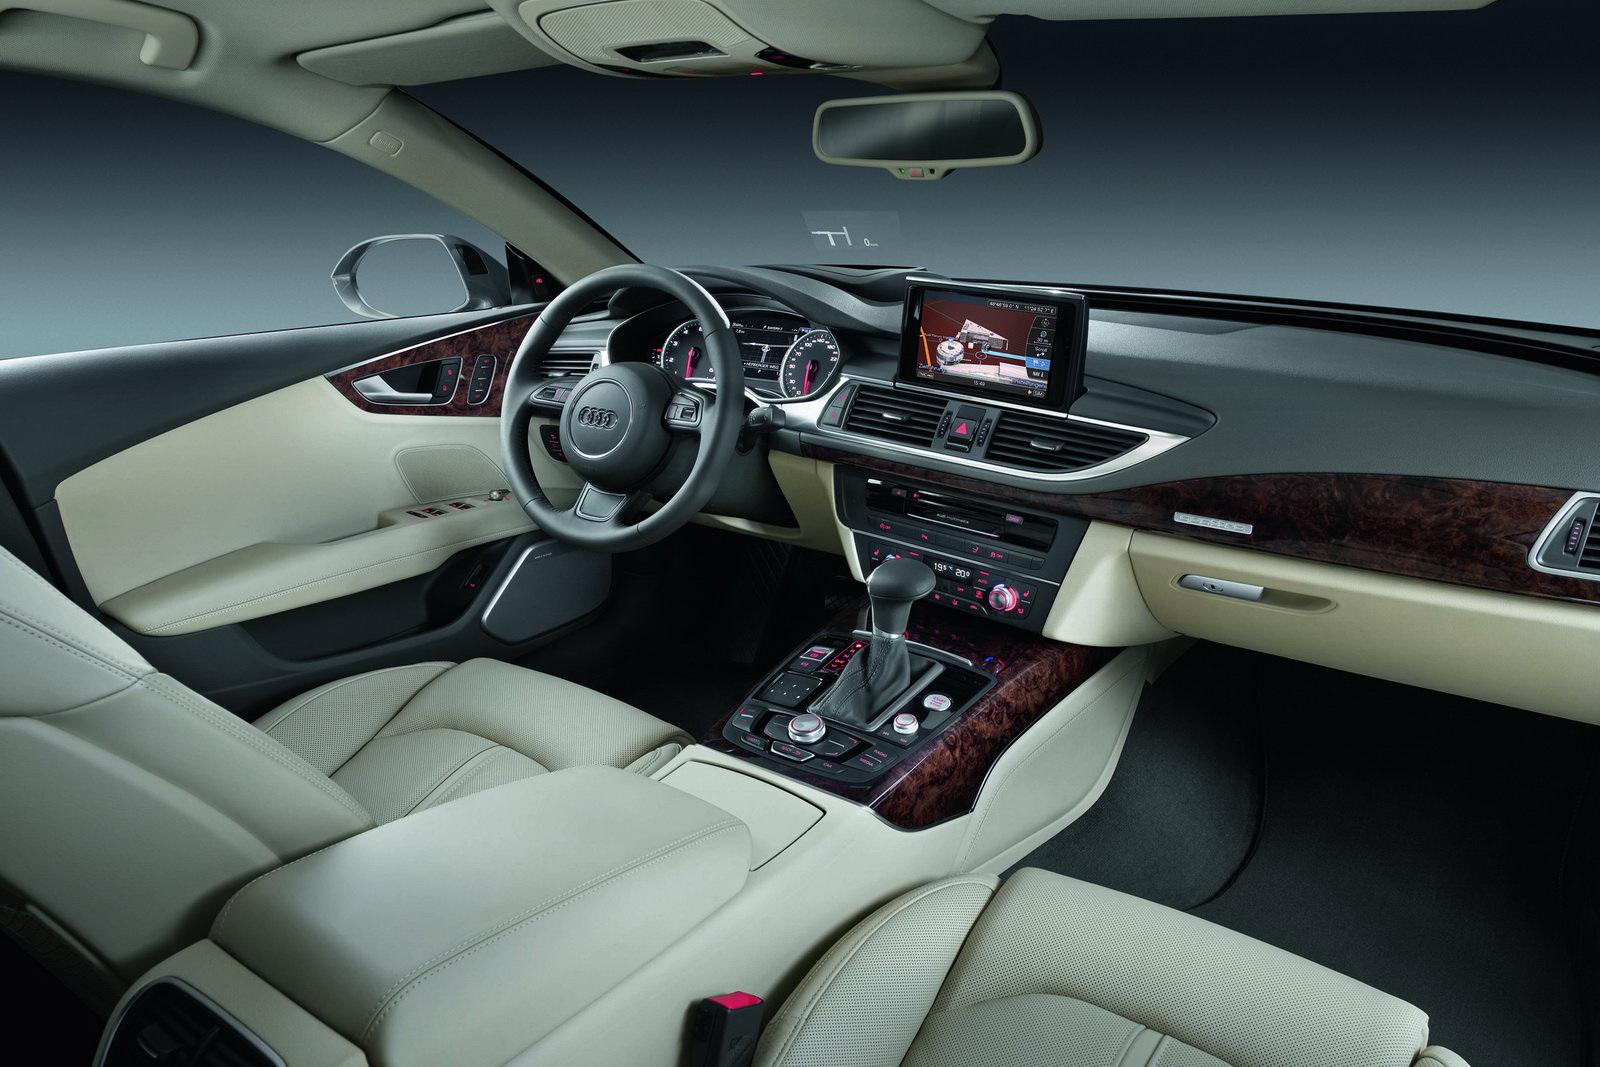 Intrieur - 2/23 - Audi A7 Sportback (2011) - http://audi ...